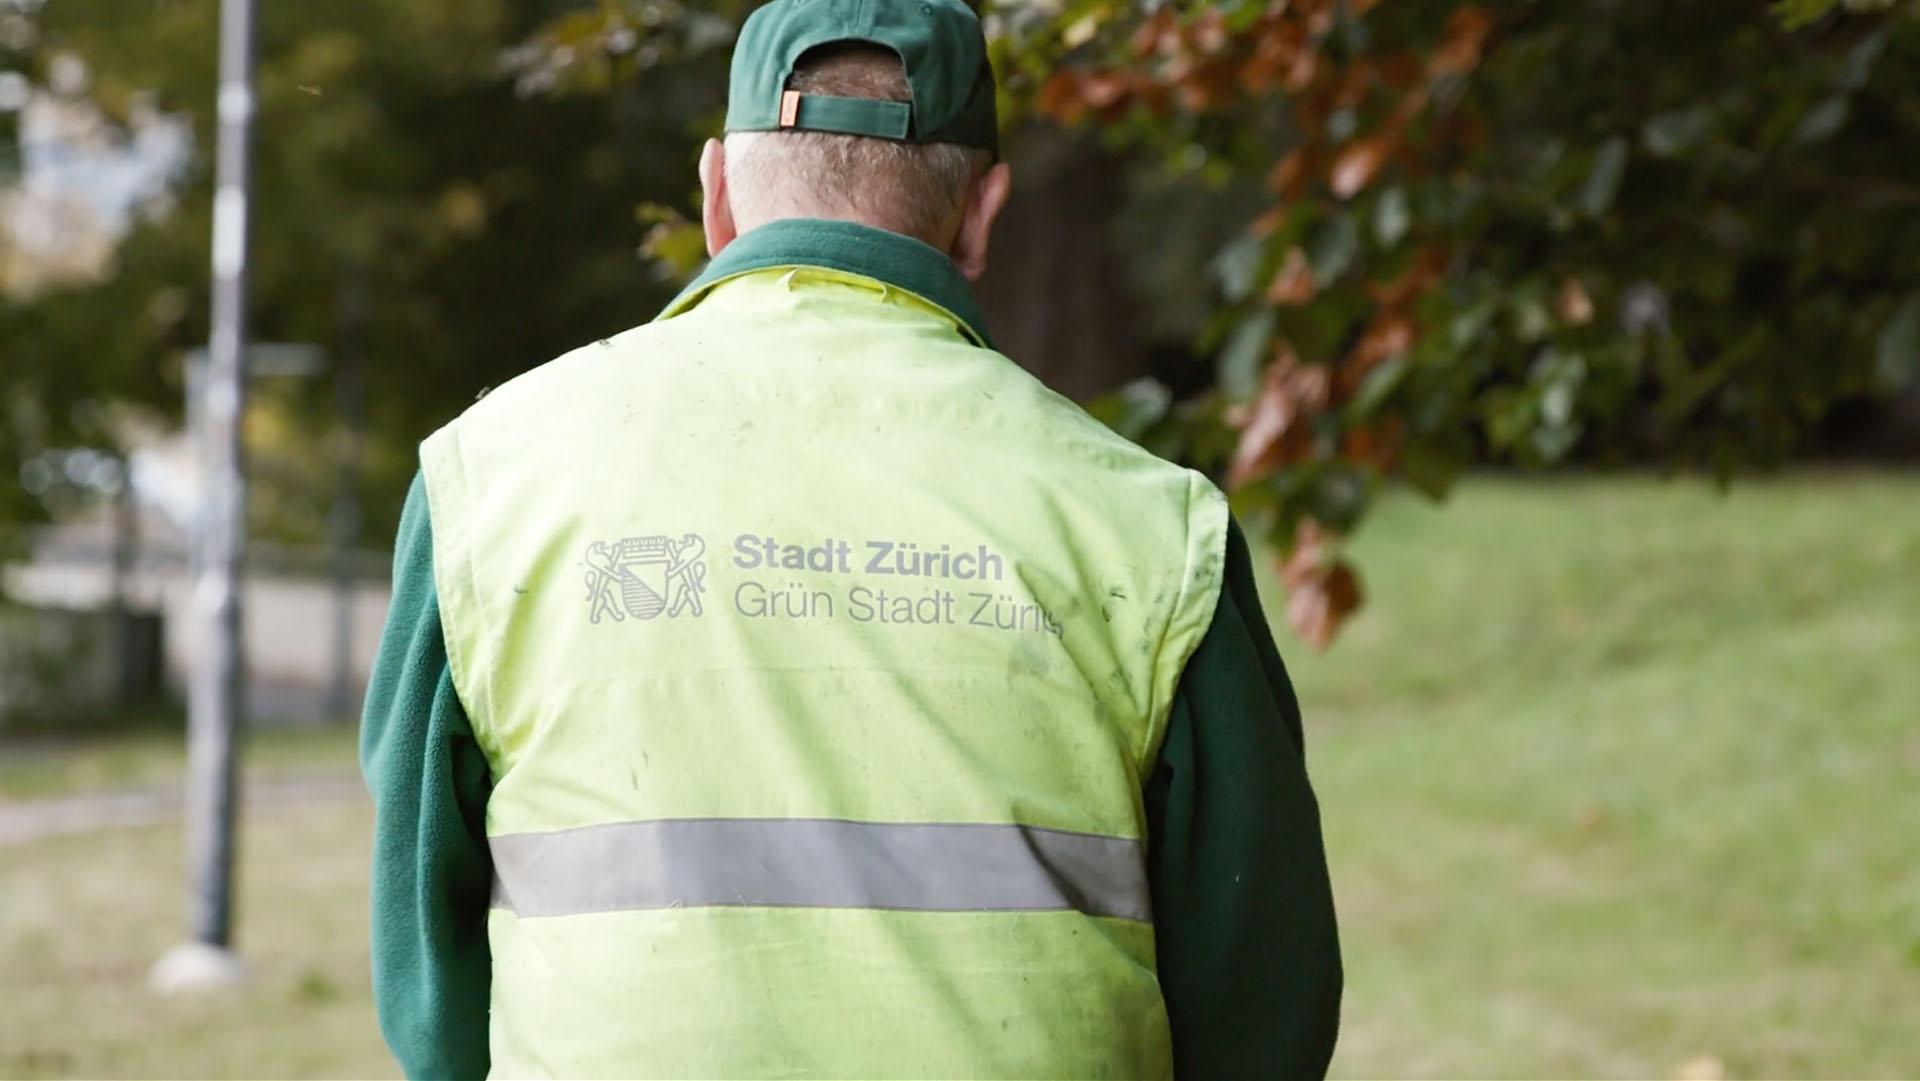 Stadt Zurich Employee